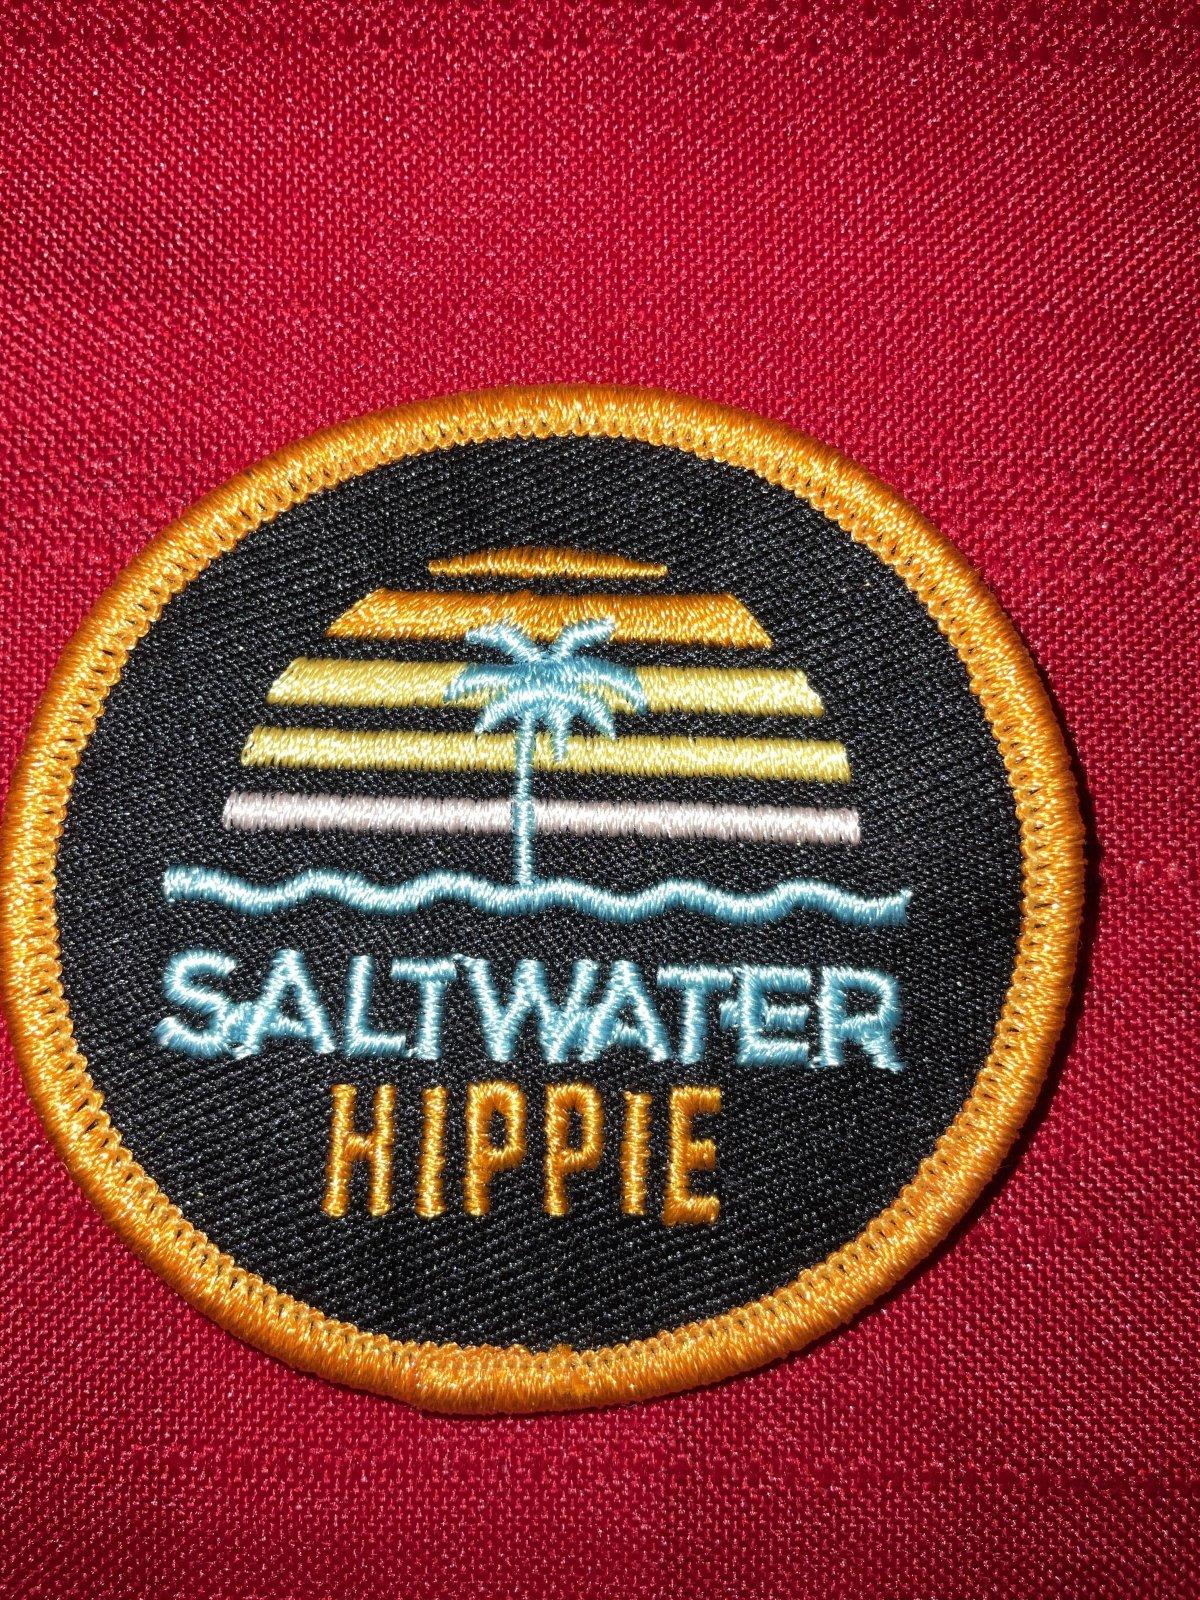 Saltwater Hippie Patch